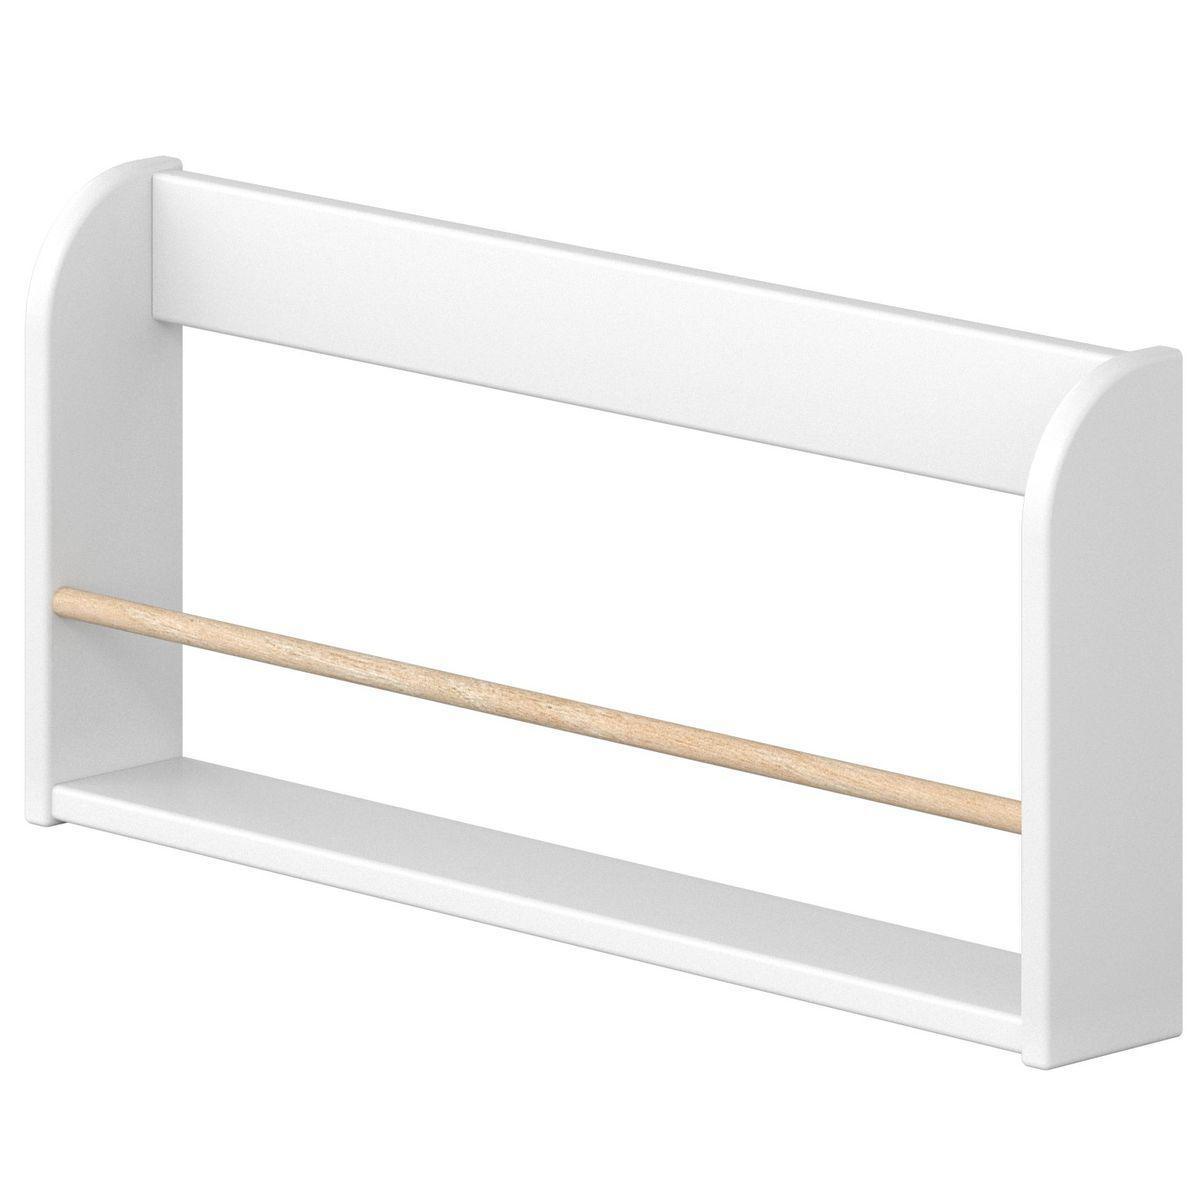 Estantería de pared PLAY Flexa blanco